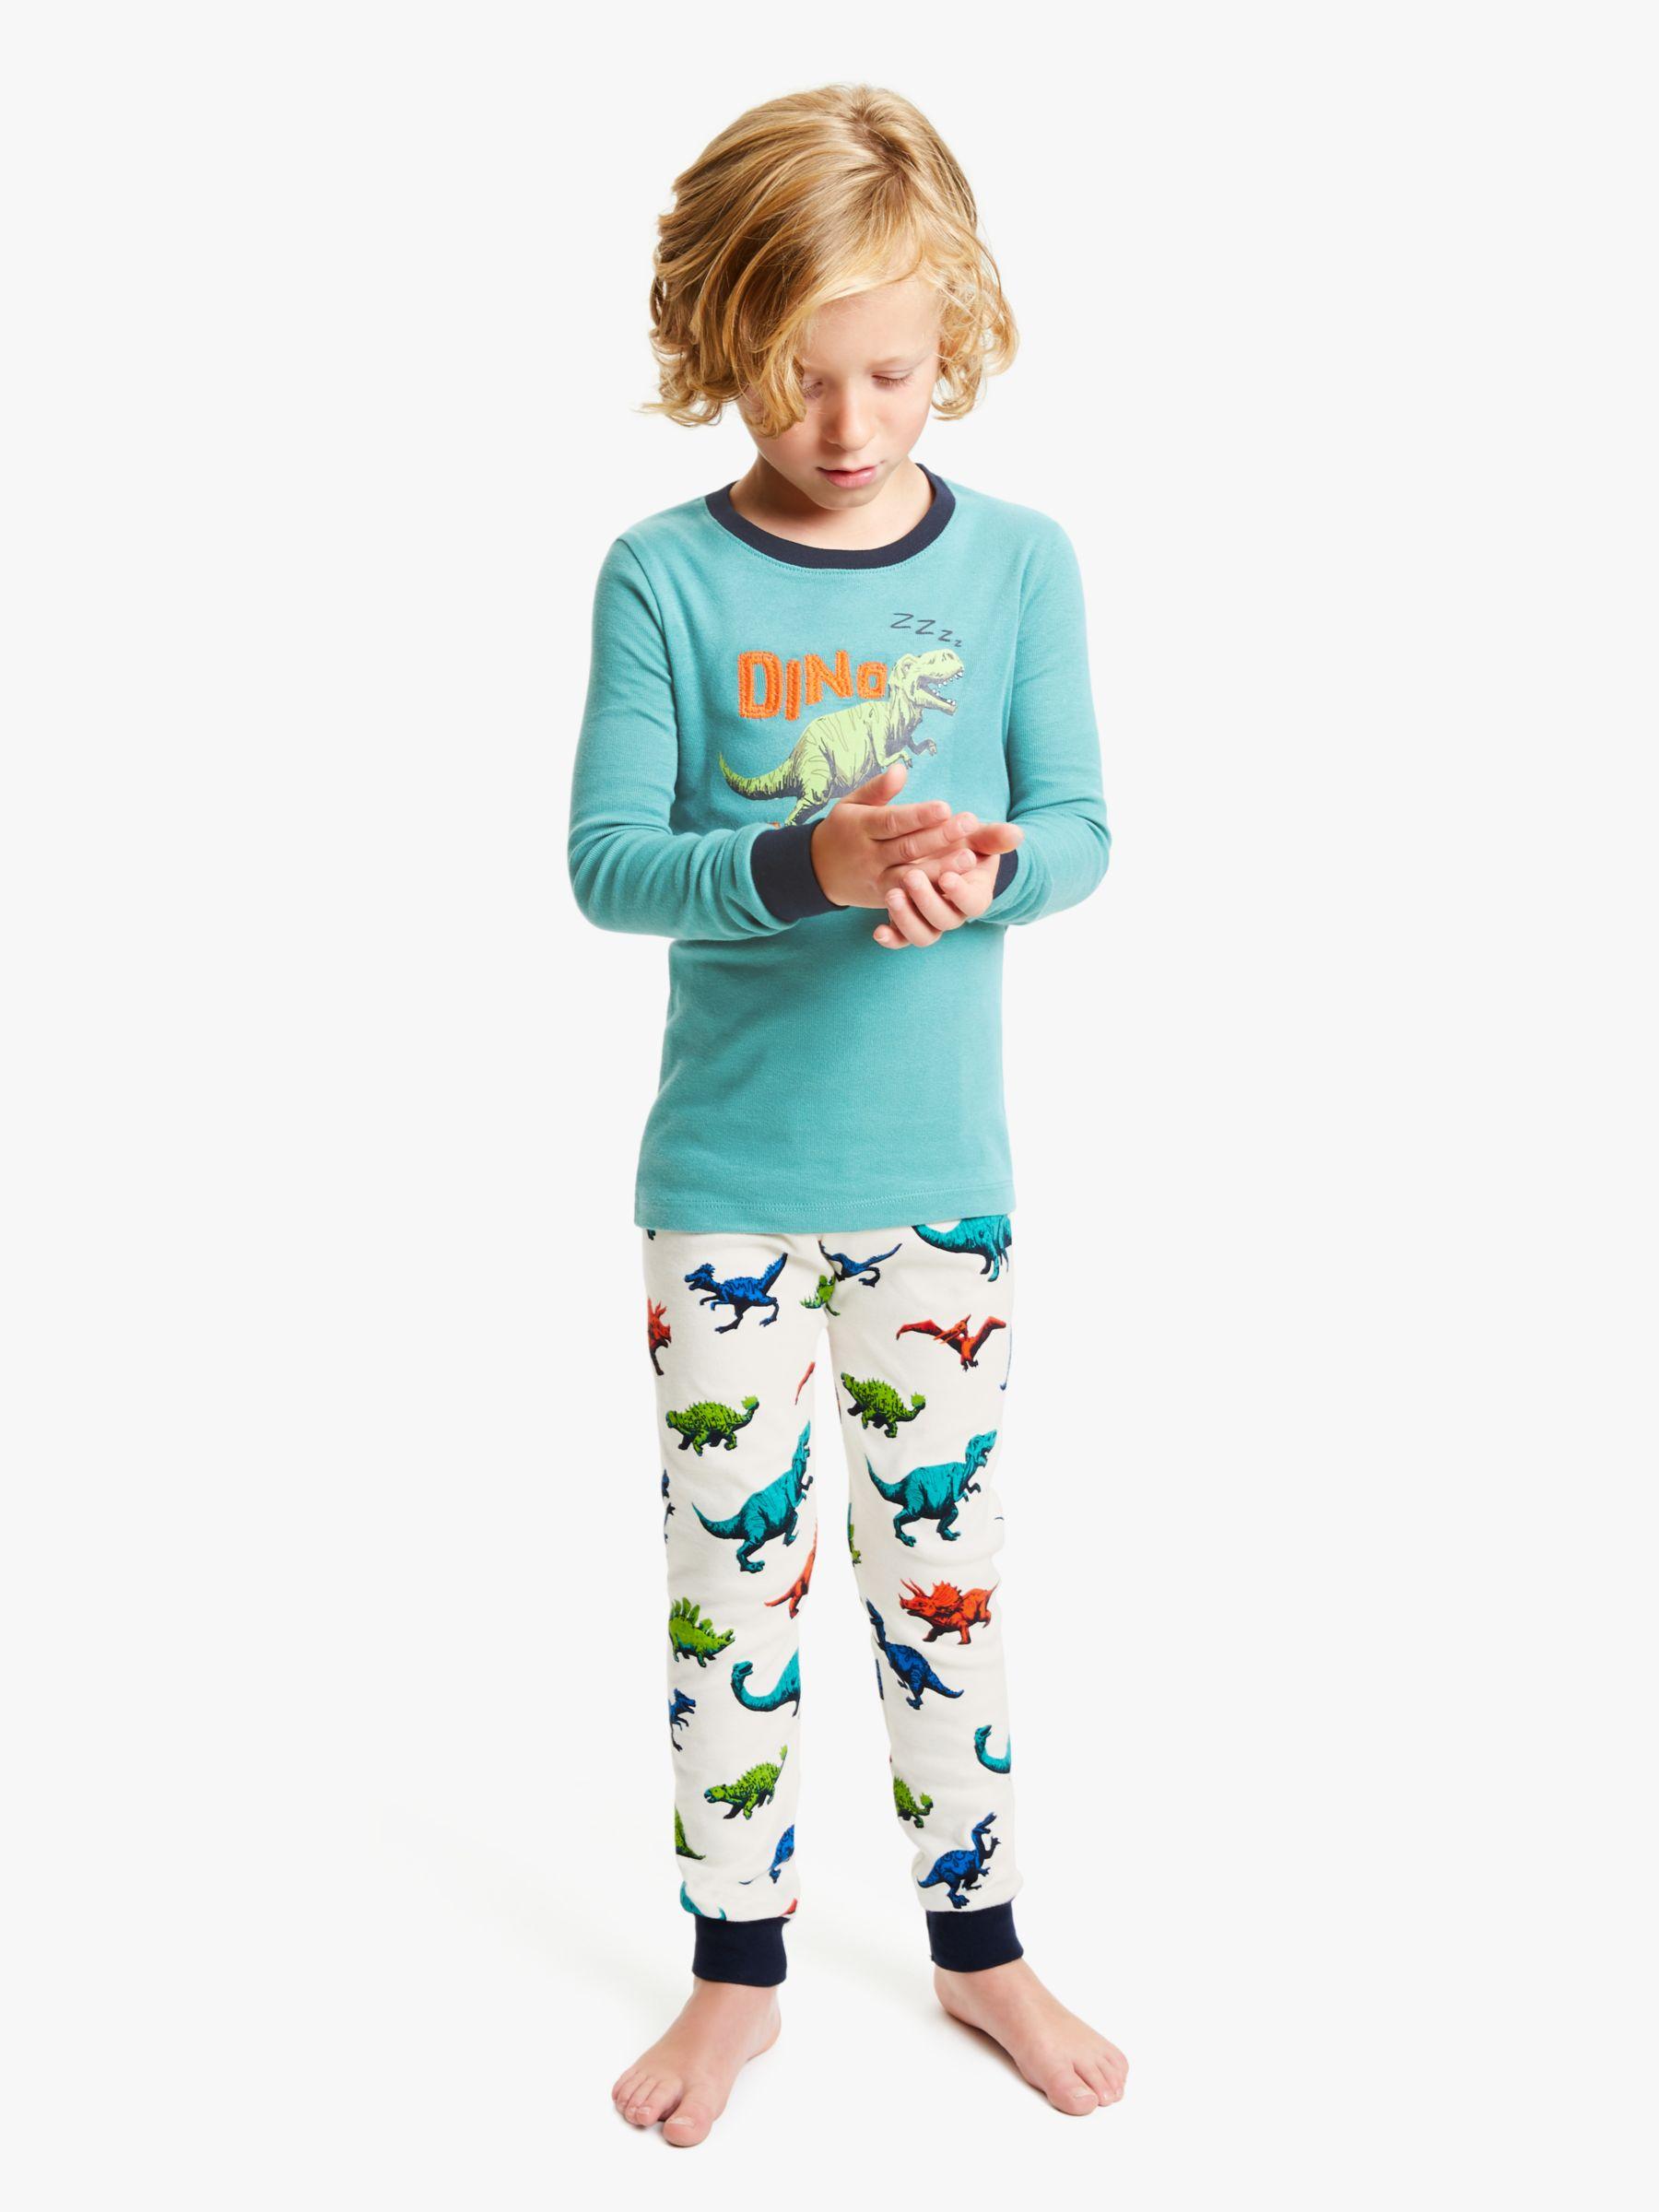 Hatley Hatley Boys' Dinosaur Herd Applique Pyjamas, Green/Multi